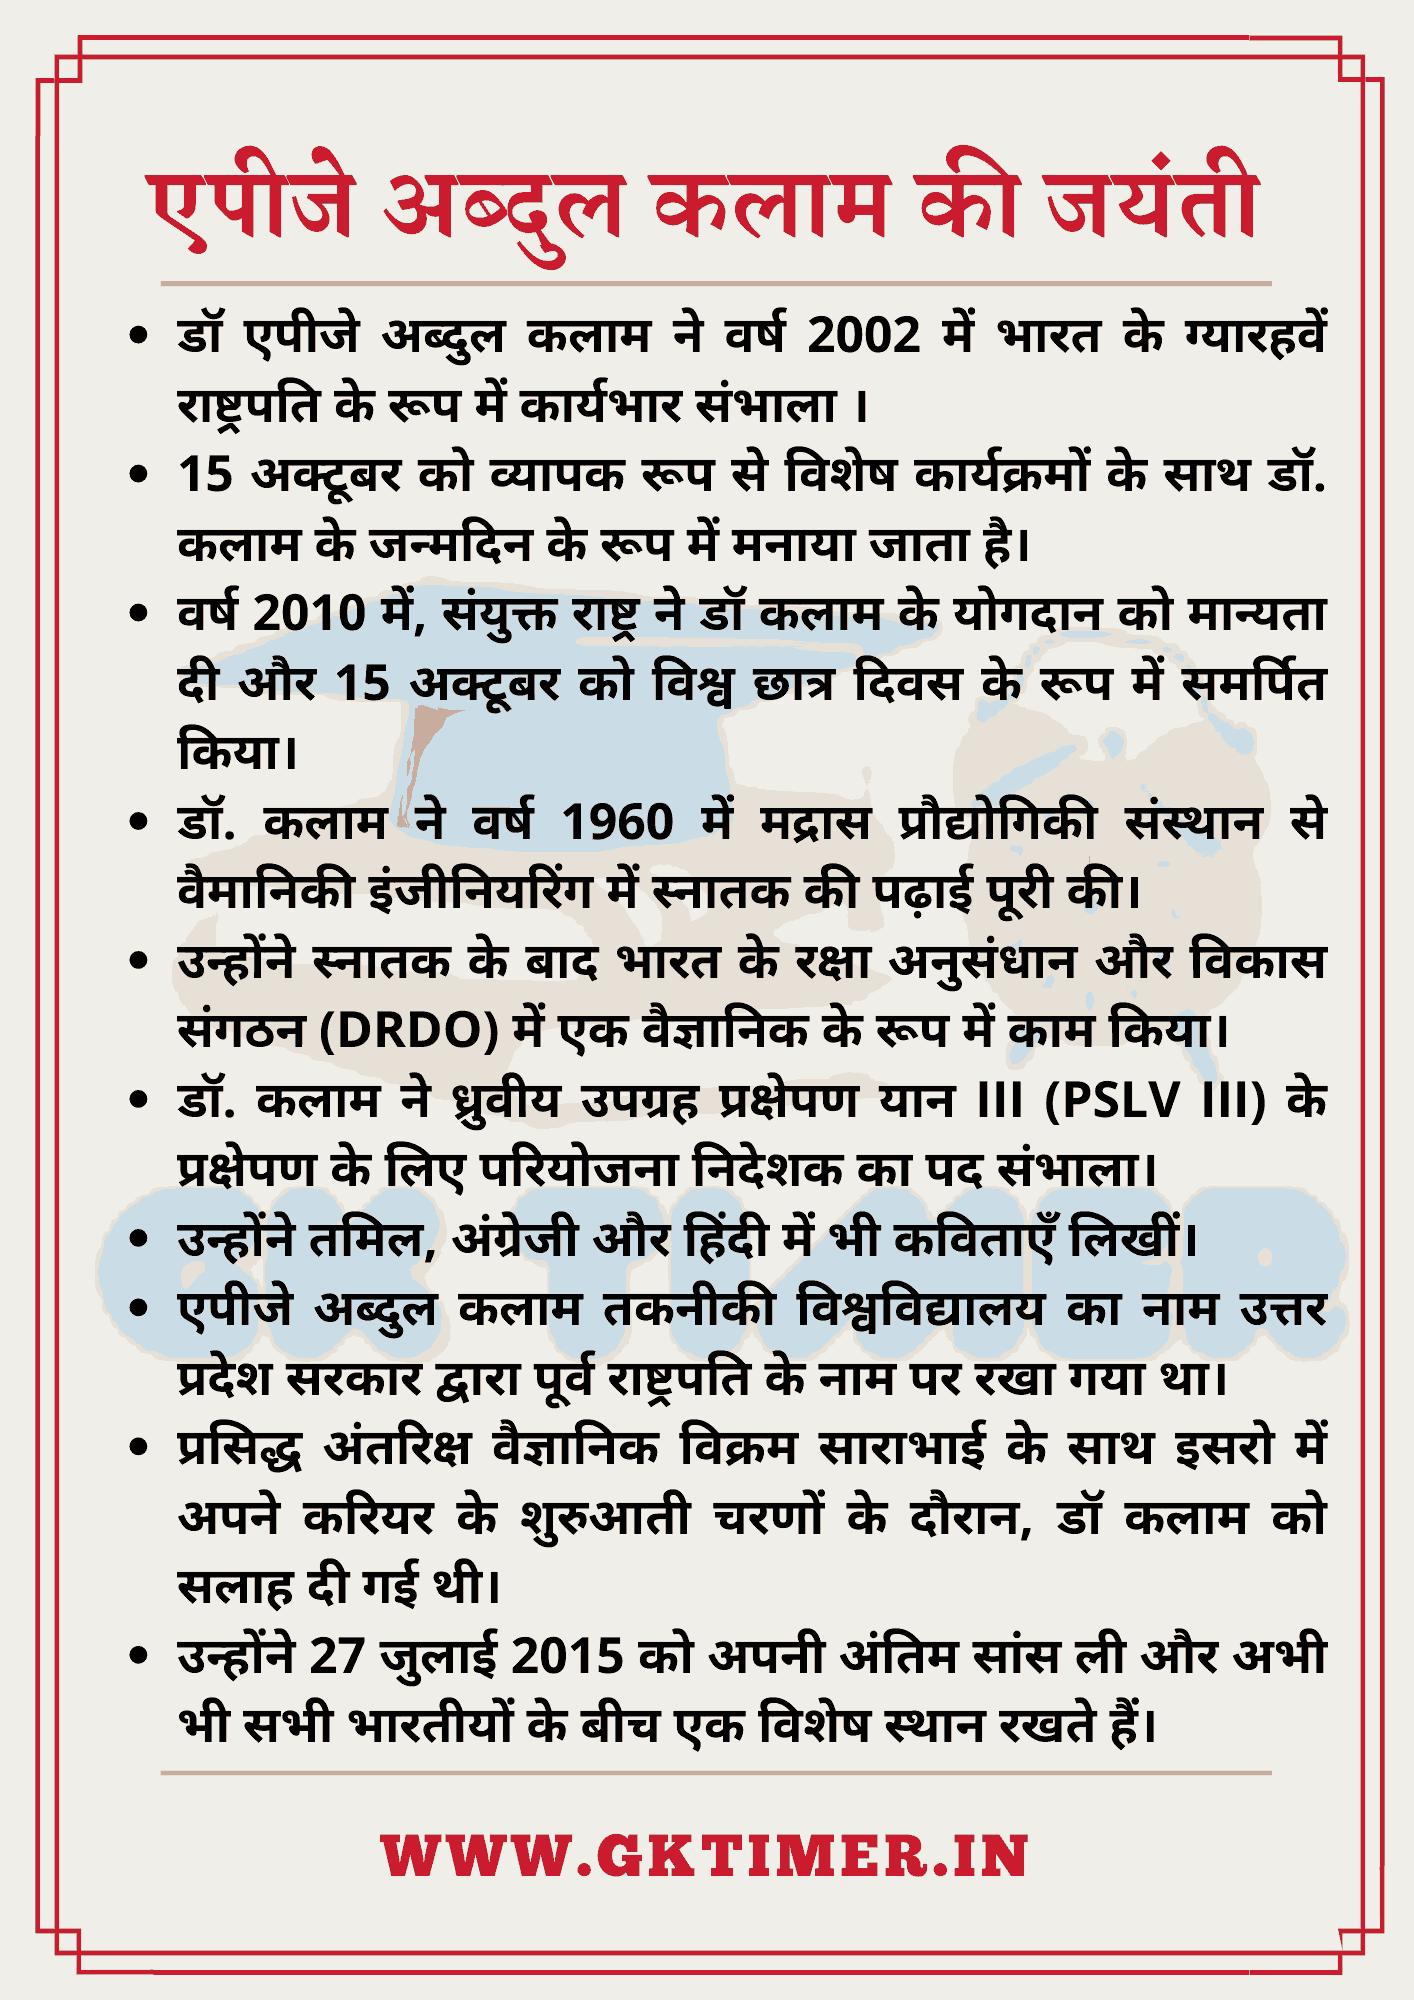 एपीजे अब्दुल कलाम की जयंती पर निबंध   Essay on Birth Anniversary of A.P.J Abdul Kalam in Hindi   10 Lines on Birth Anniversary of A.P.J Abdul Kalam in Hindi